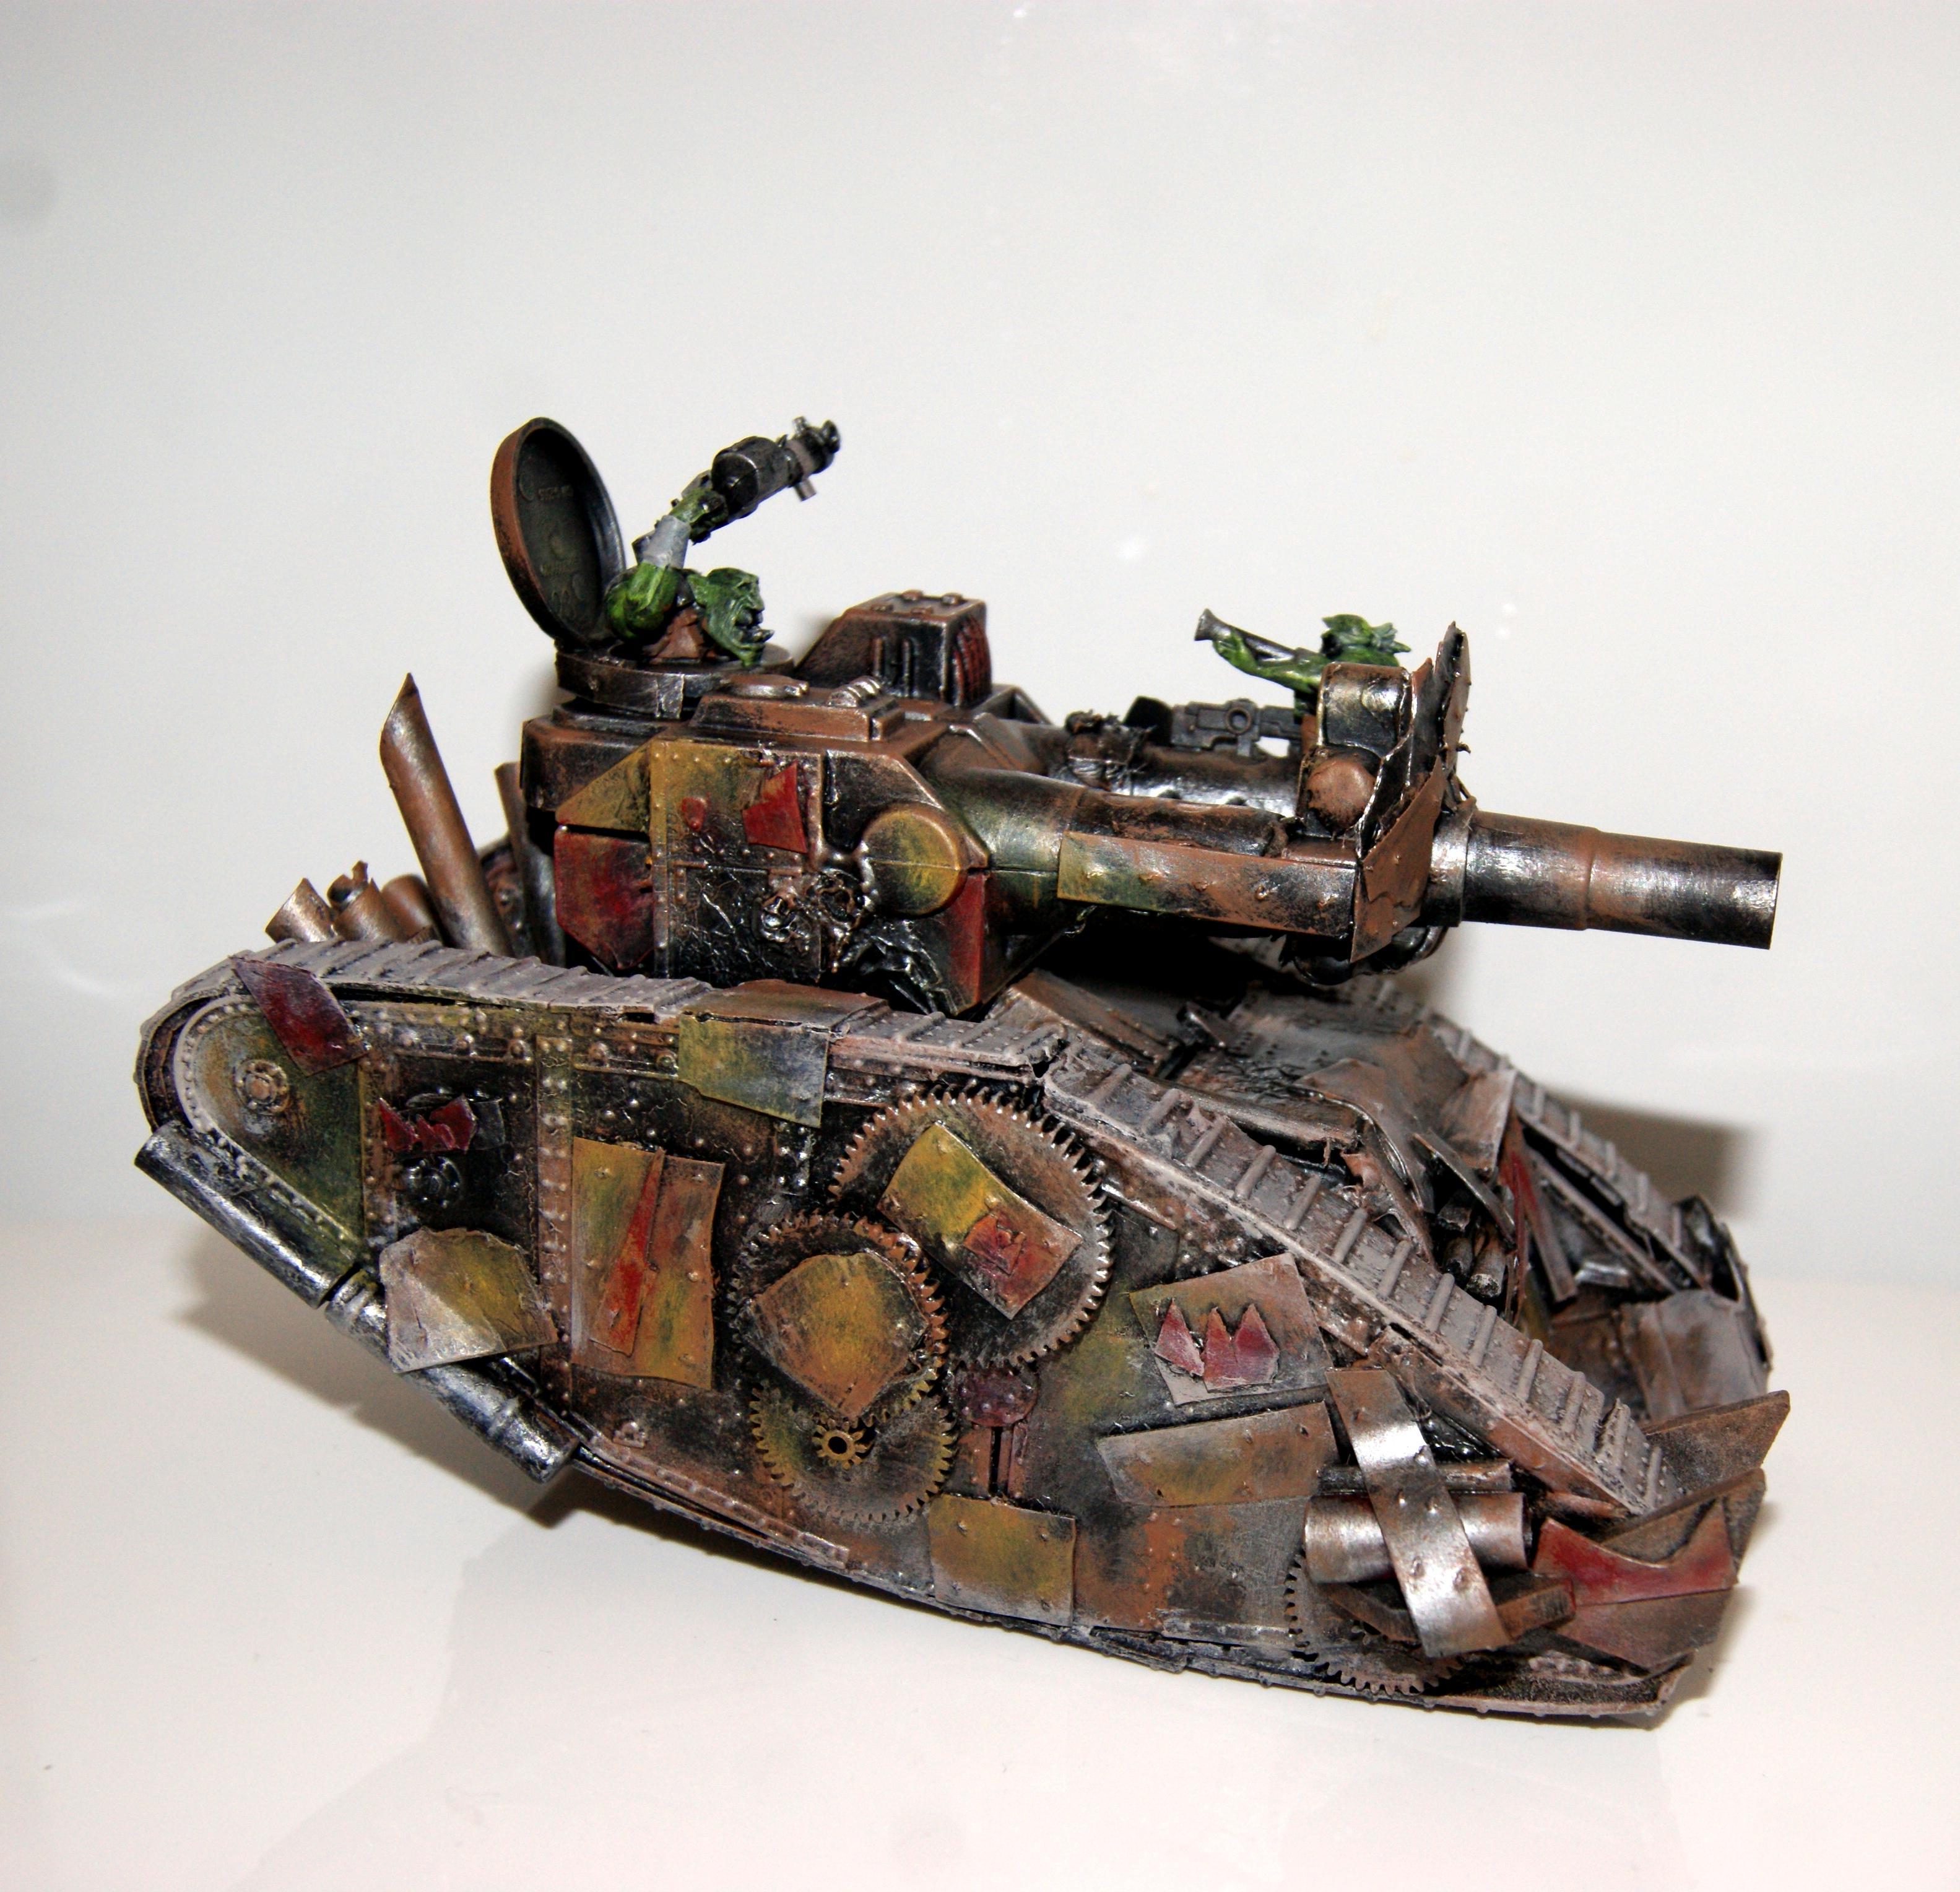 Conversion, Kill Krusha, Kill Tank, Looted, Orks, Scratchbuild. Scratch Built, Tank, Warhammer 40,000